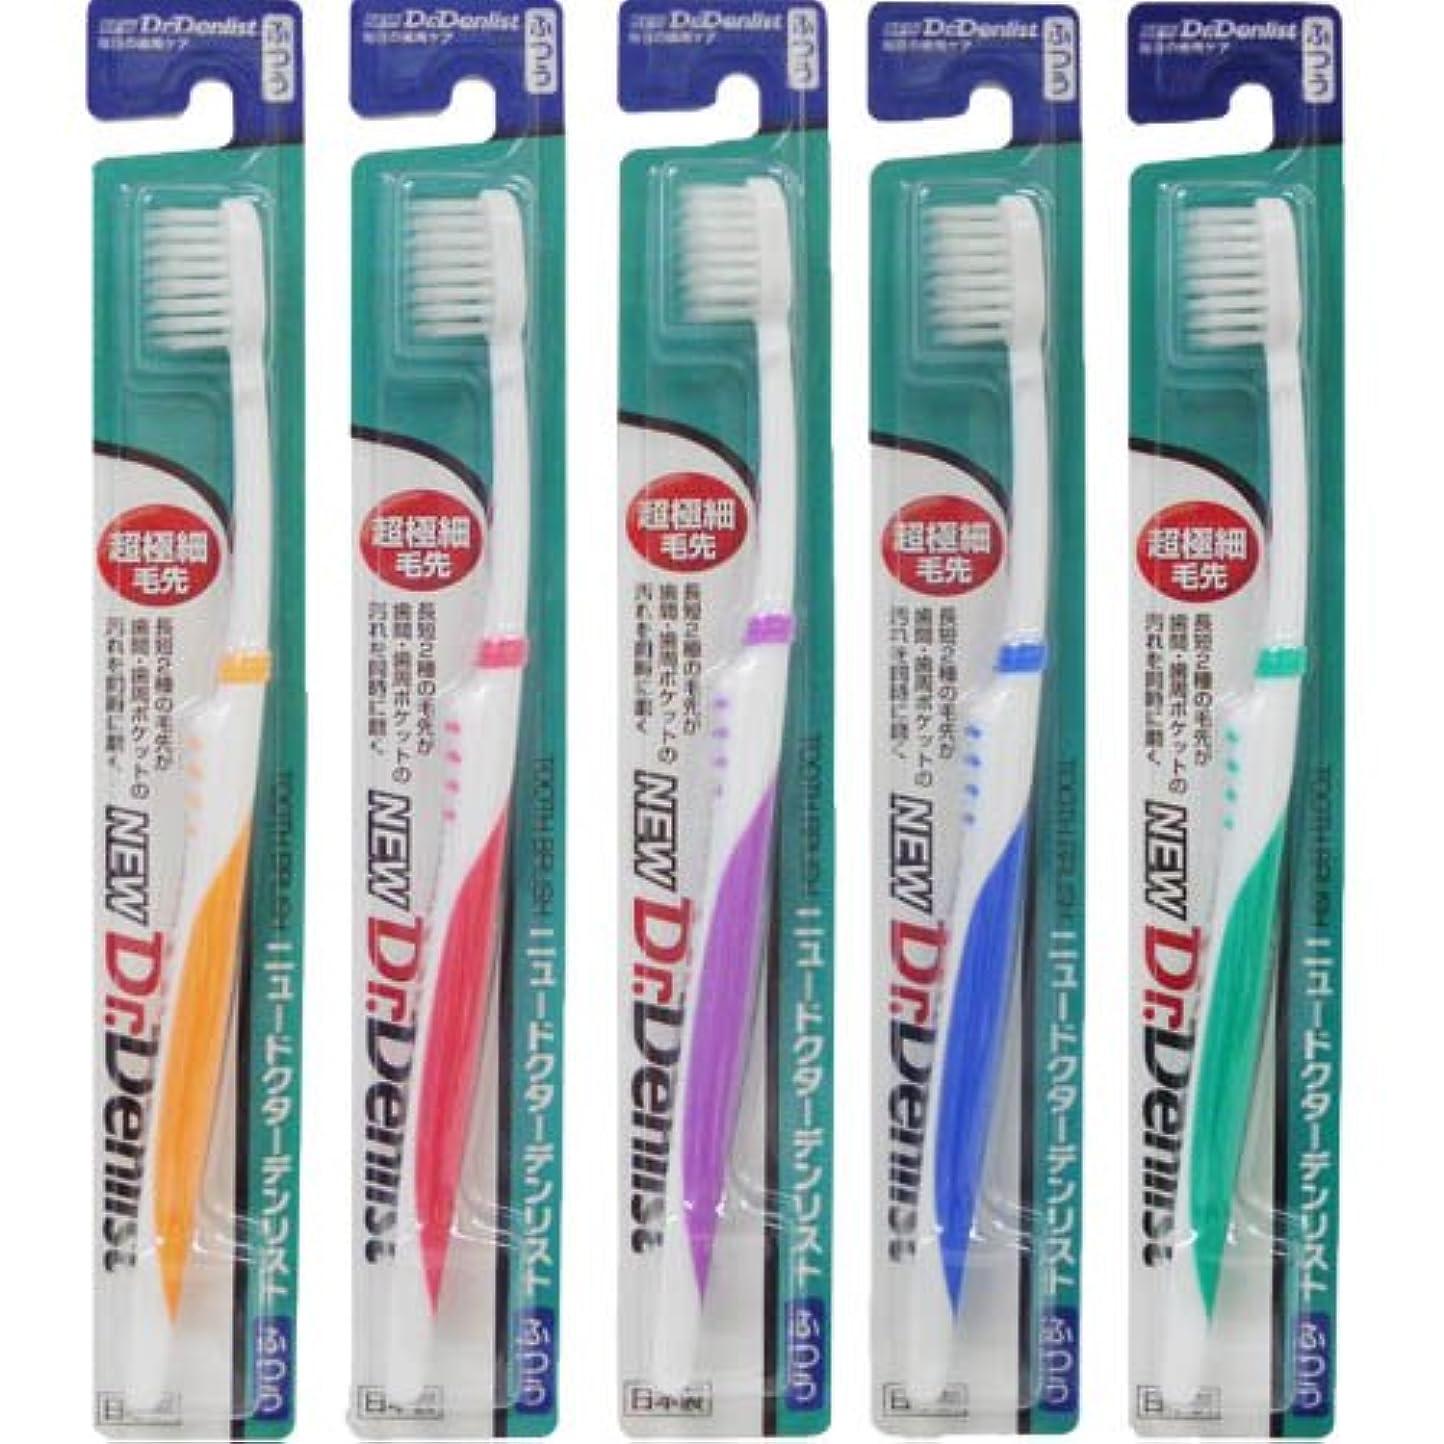 New Dr.Denlist 歯ブラシ 超極細毛先 ふつう 12本セット(クリエイト)